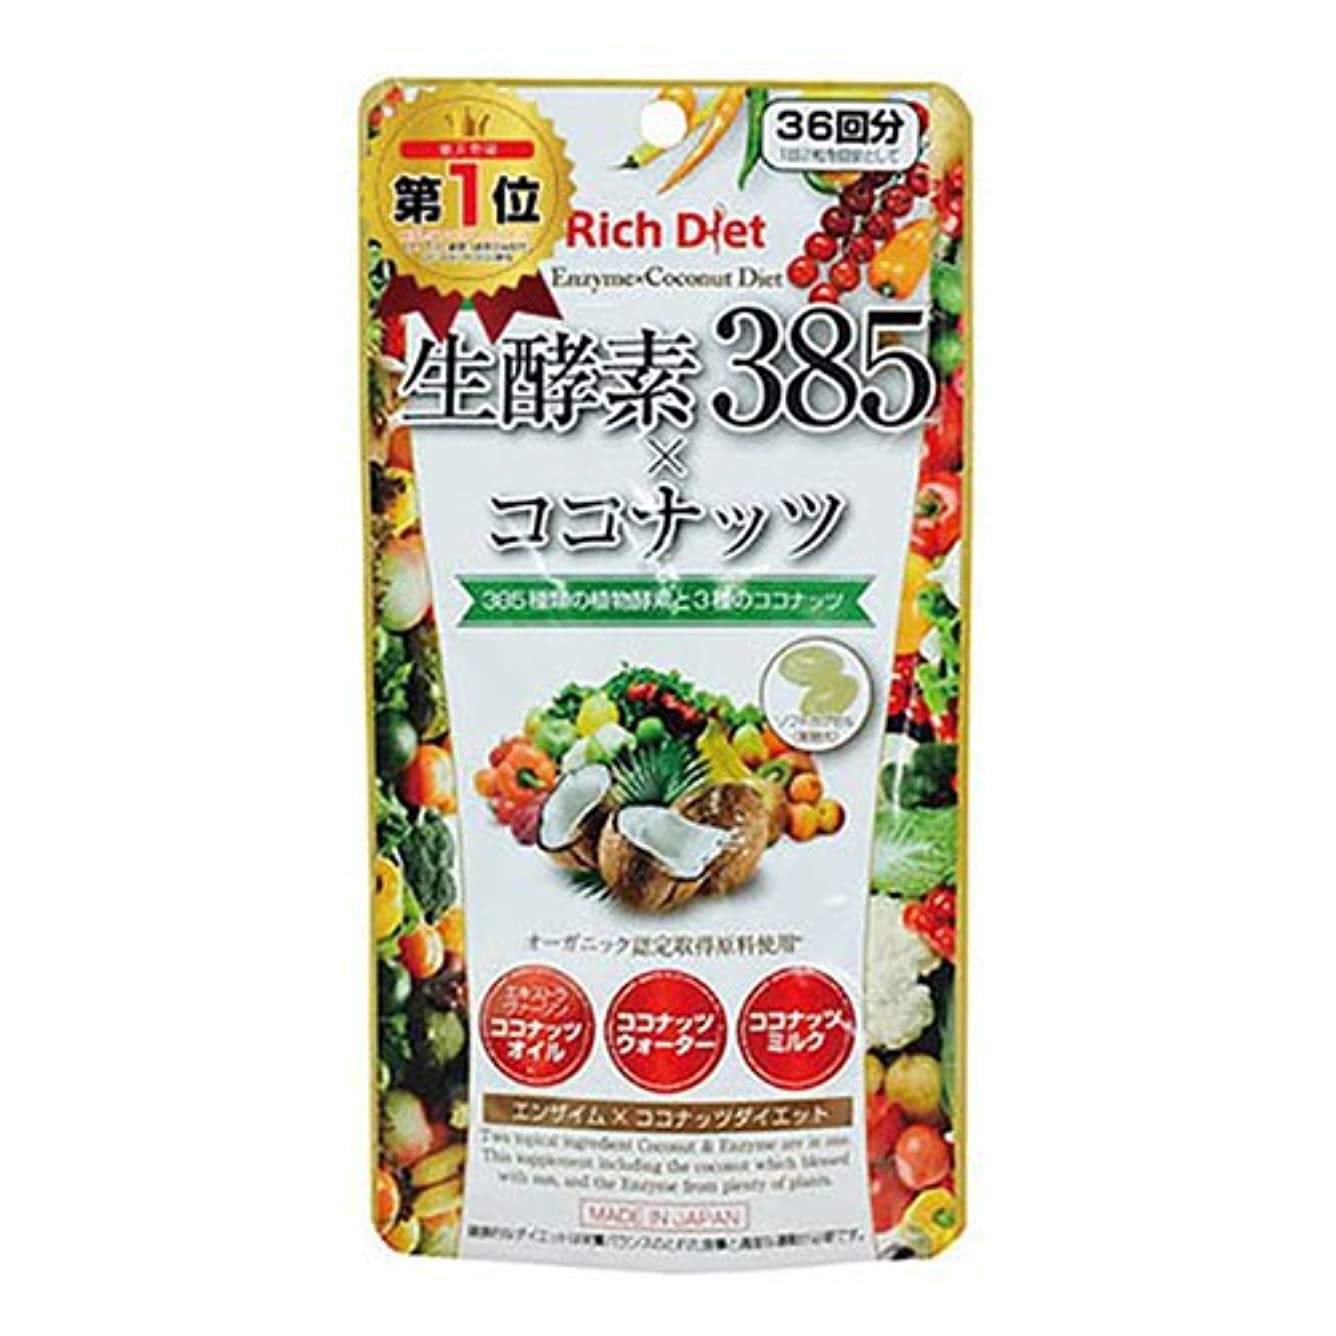 ライブ精査飼料Rich Diet 生酵素×ココナッツダイエット 72粒